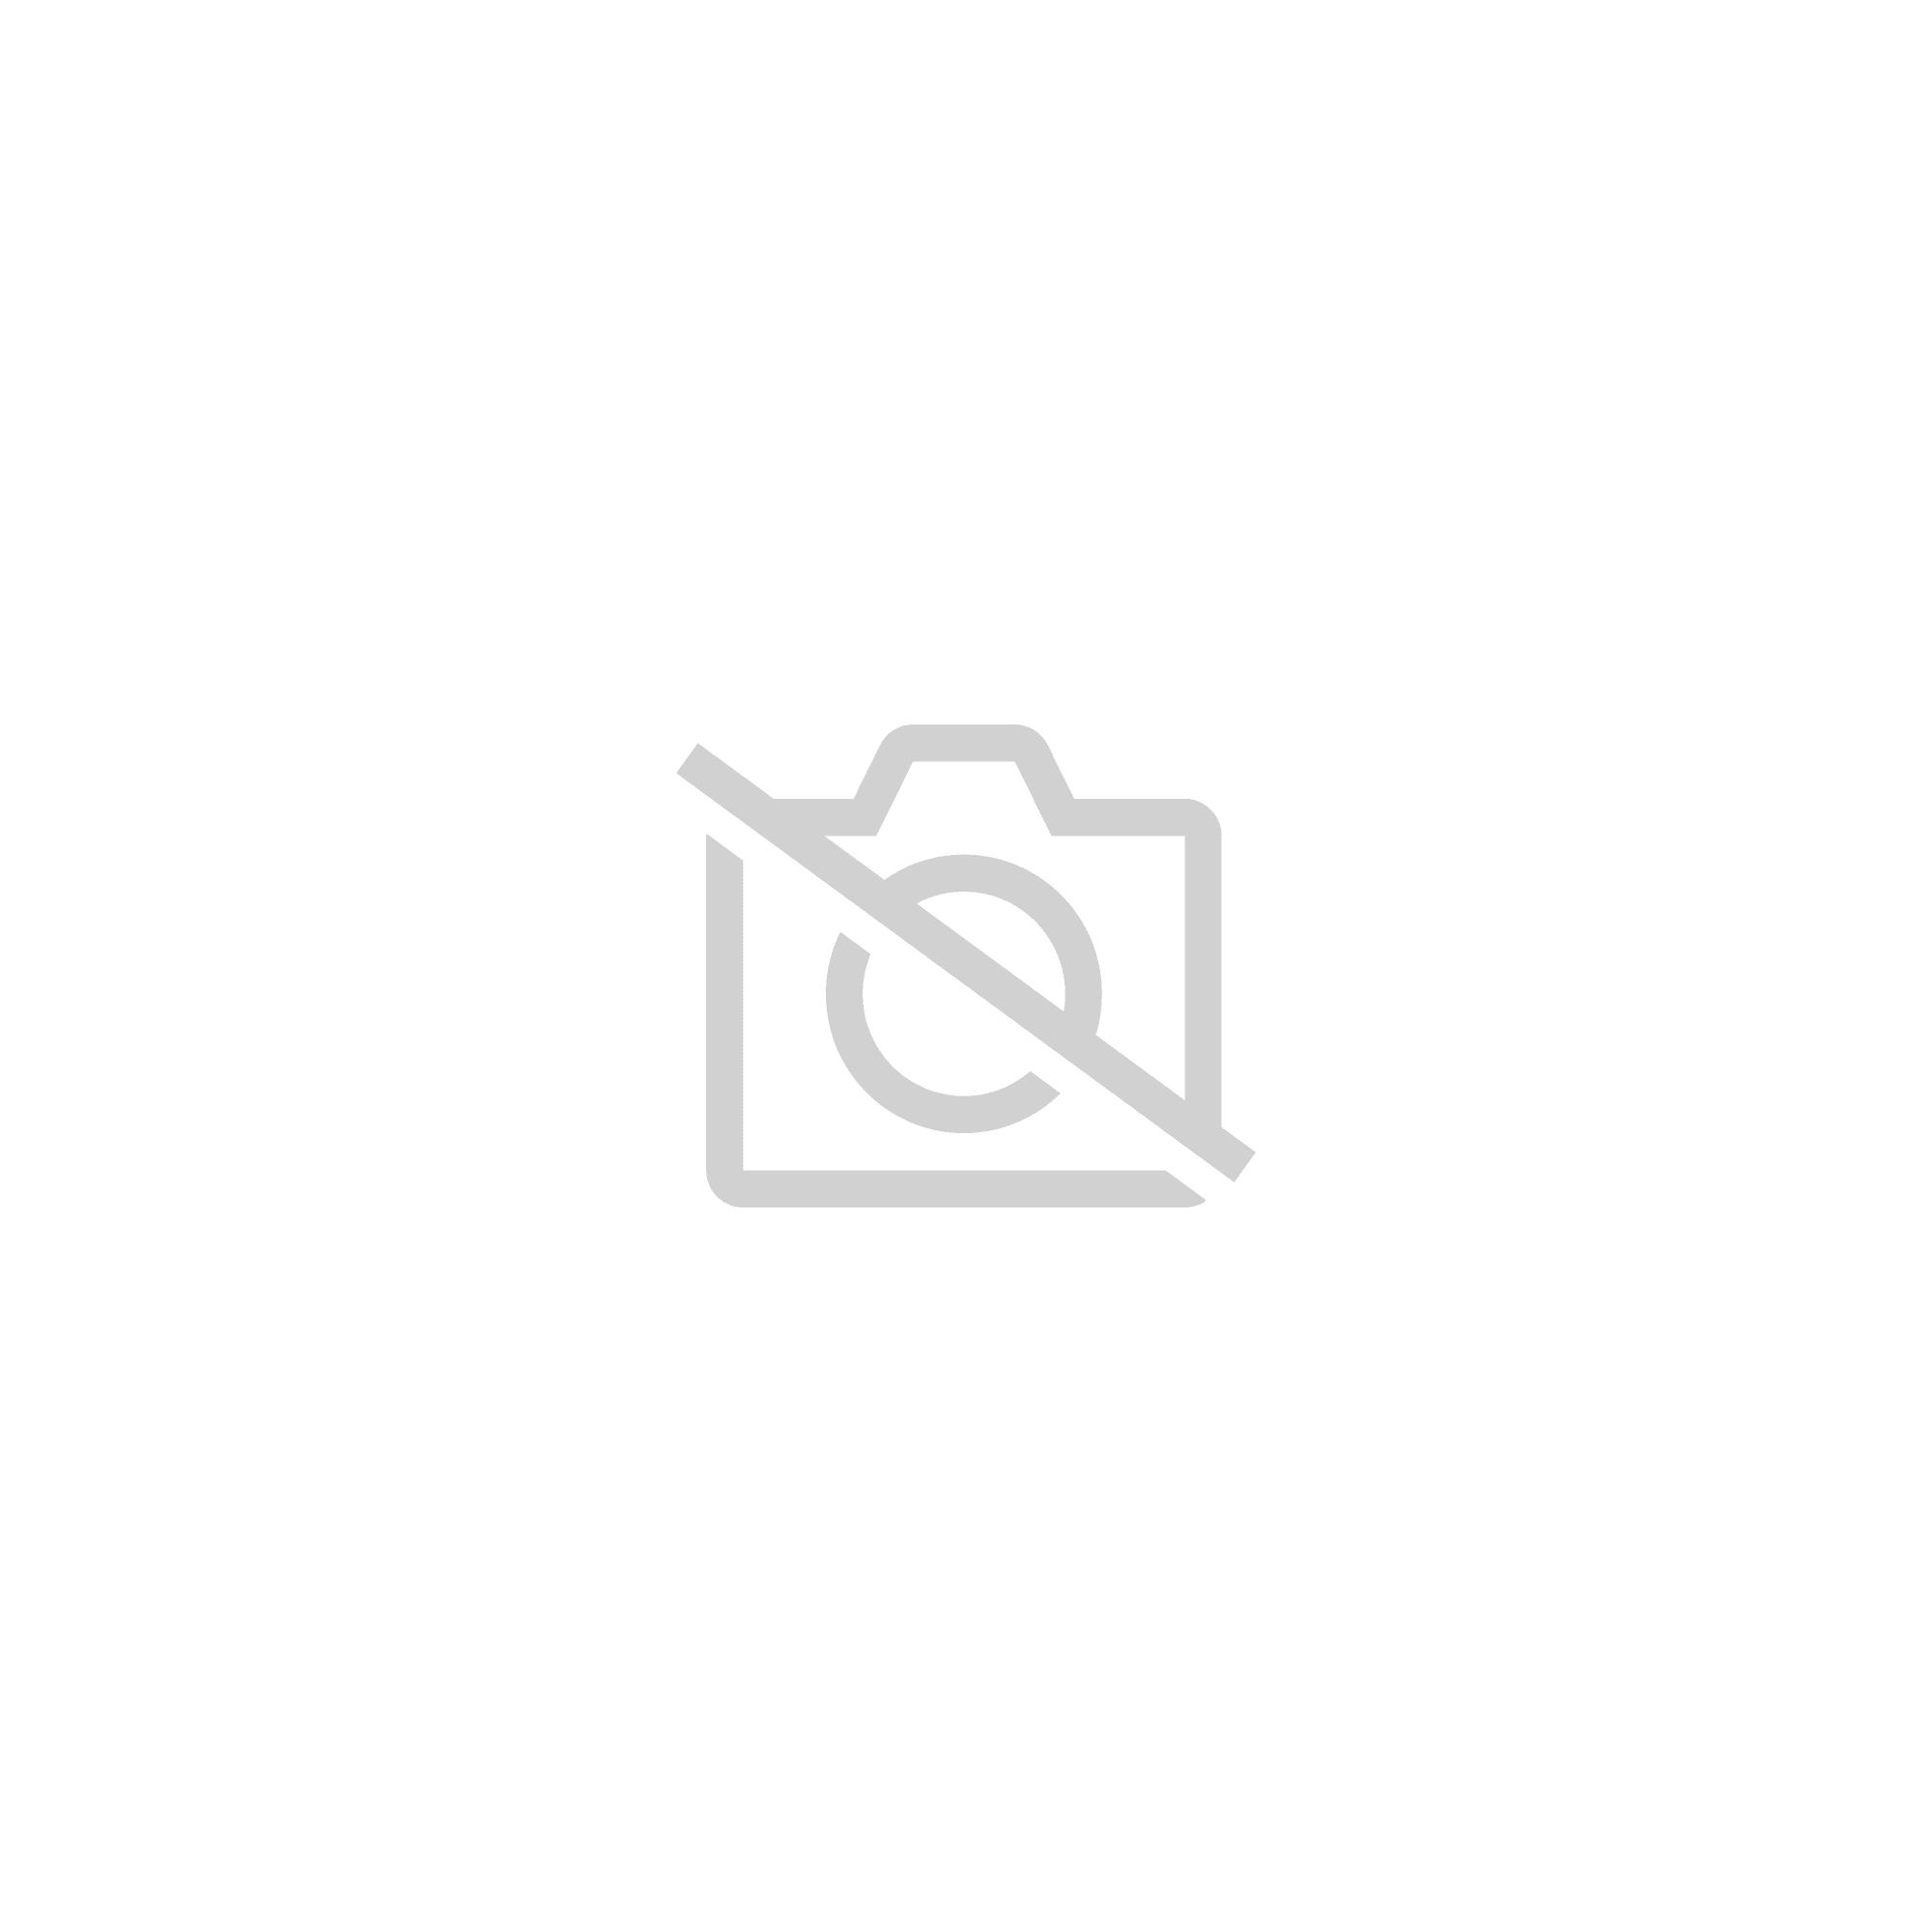 Pm4400 10011727 Pro Banc De Musculation À Domicile Noir